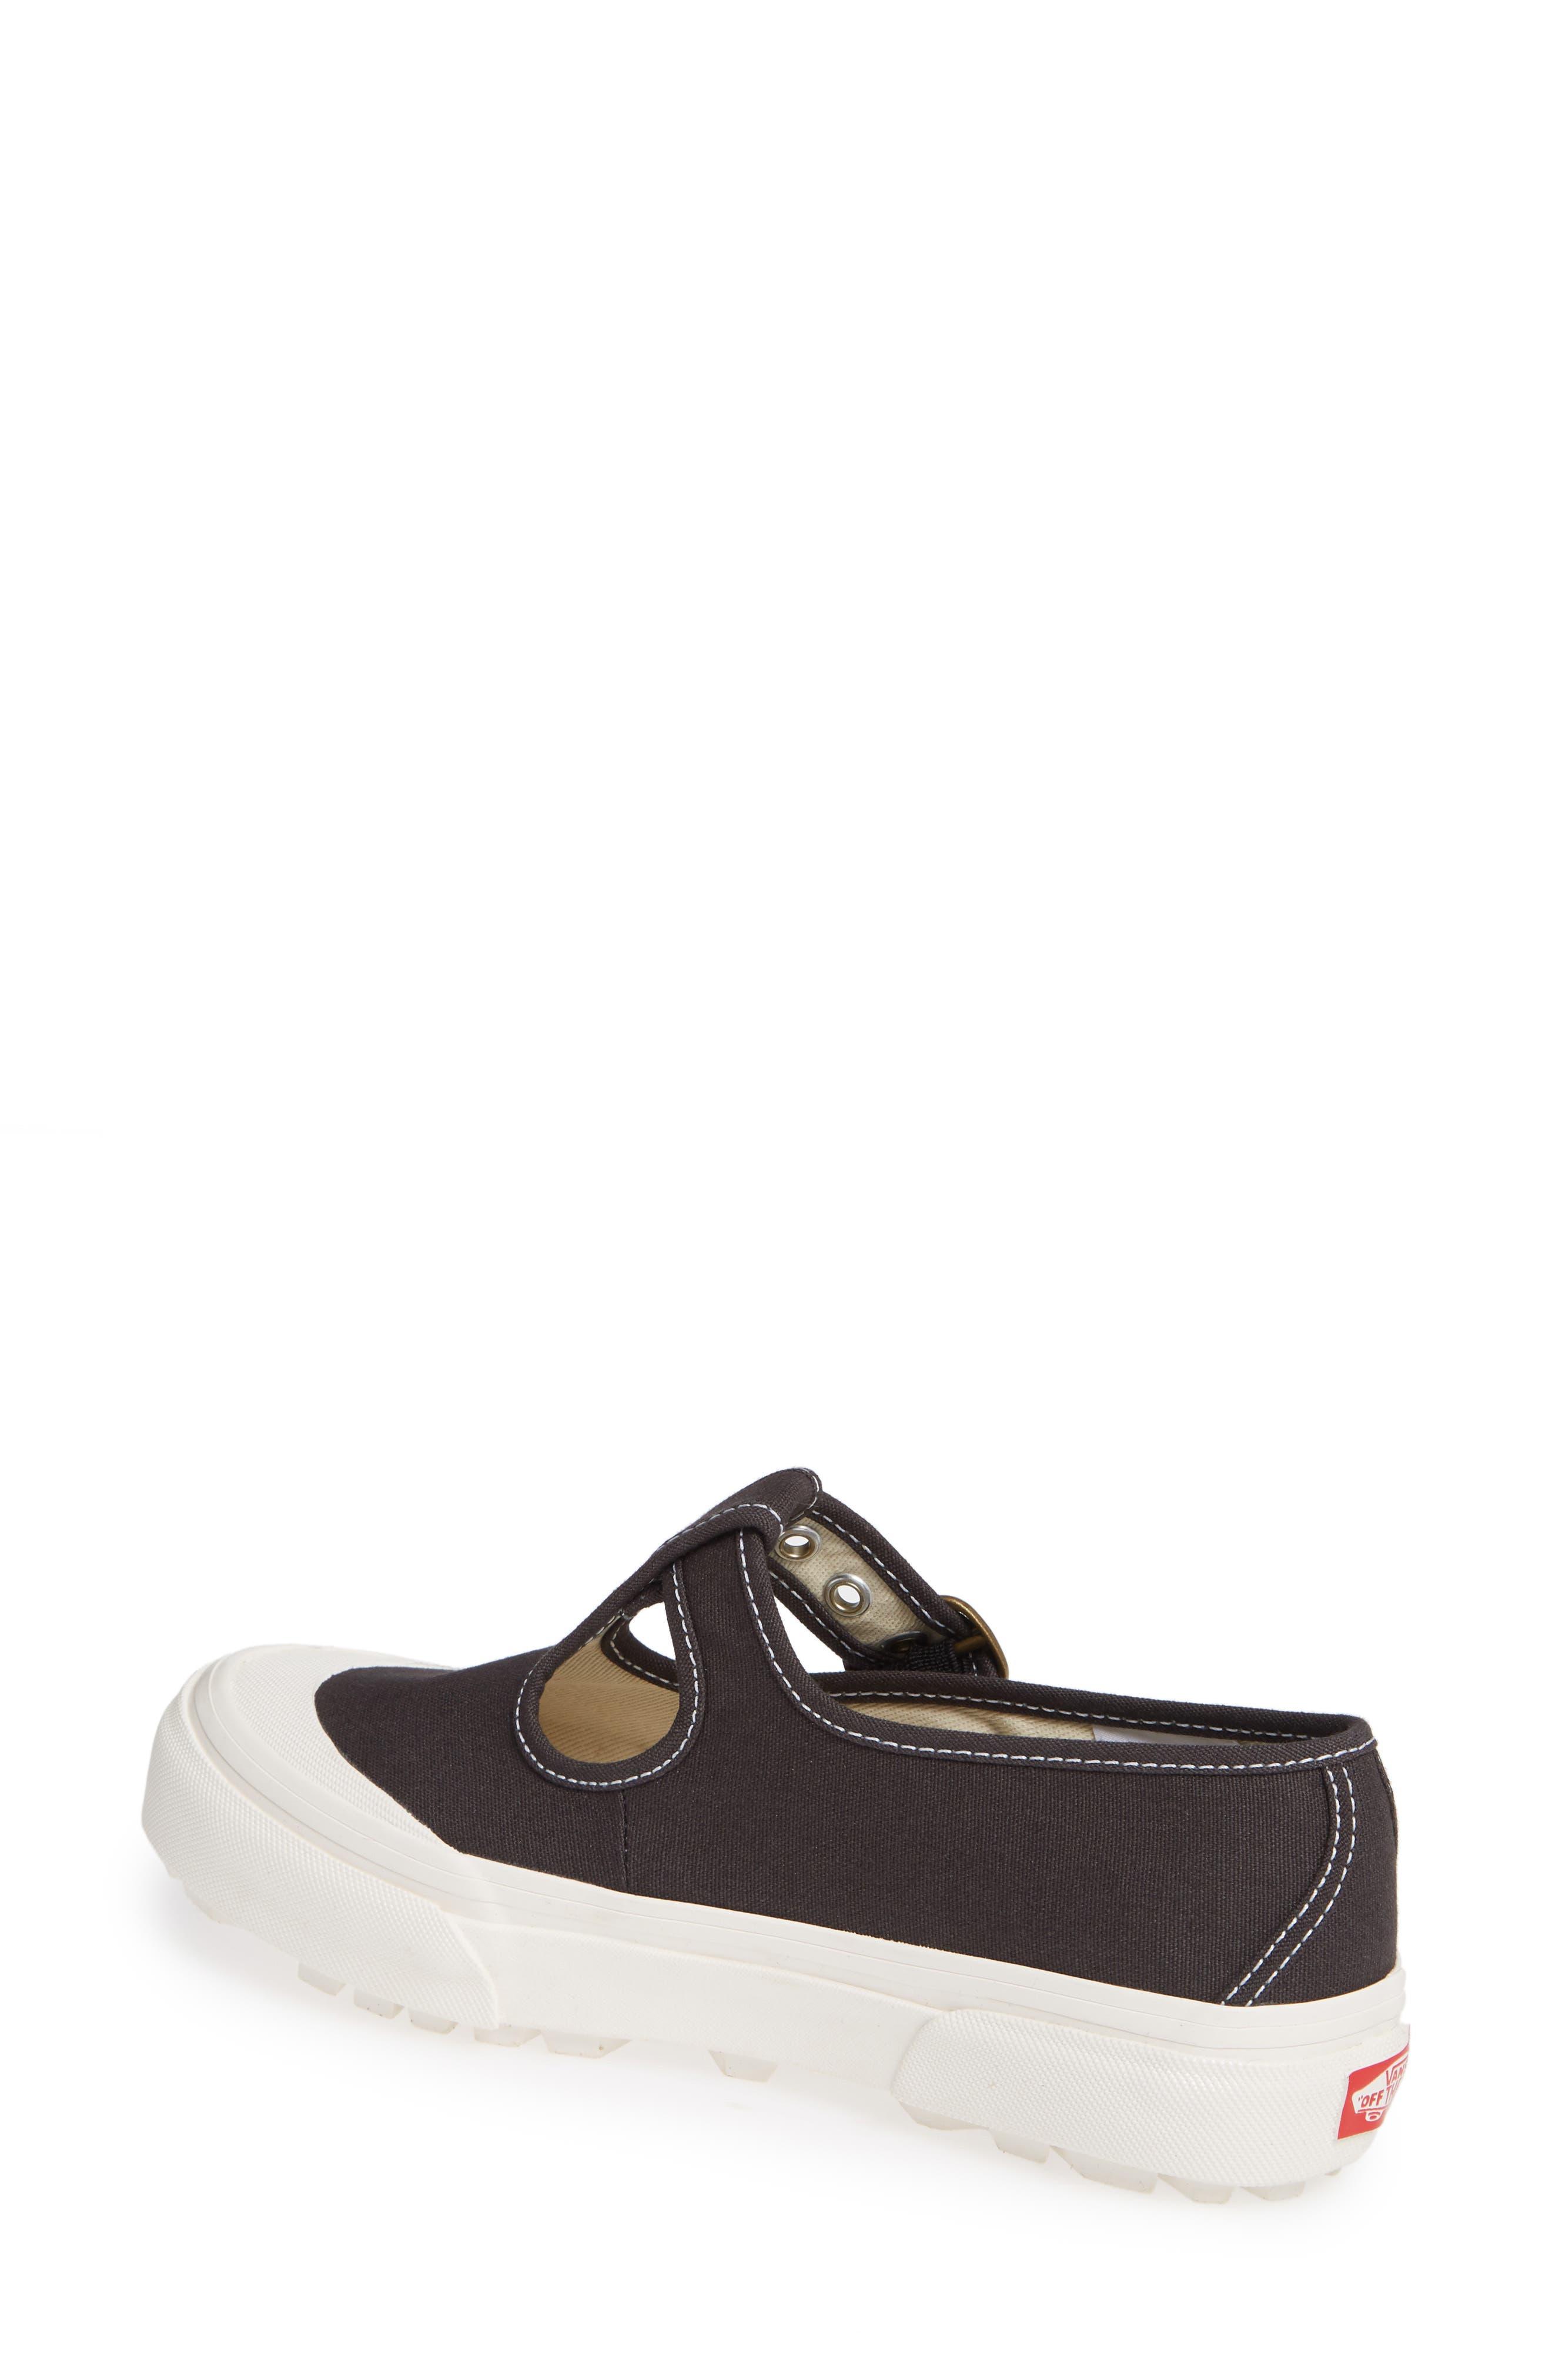 Anaheim Factory 93 DX T-Strap Sneaker,                             Alternate thumbnail 2, color,                             BLACK